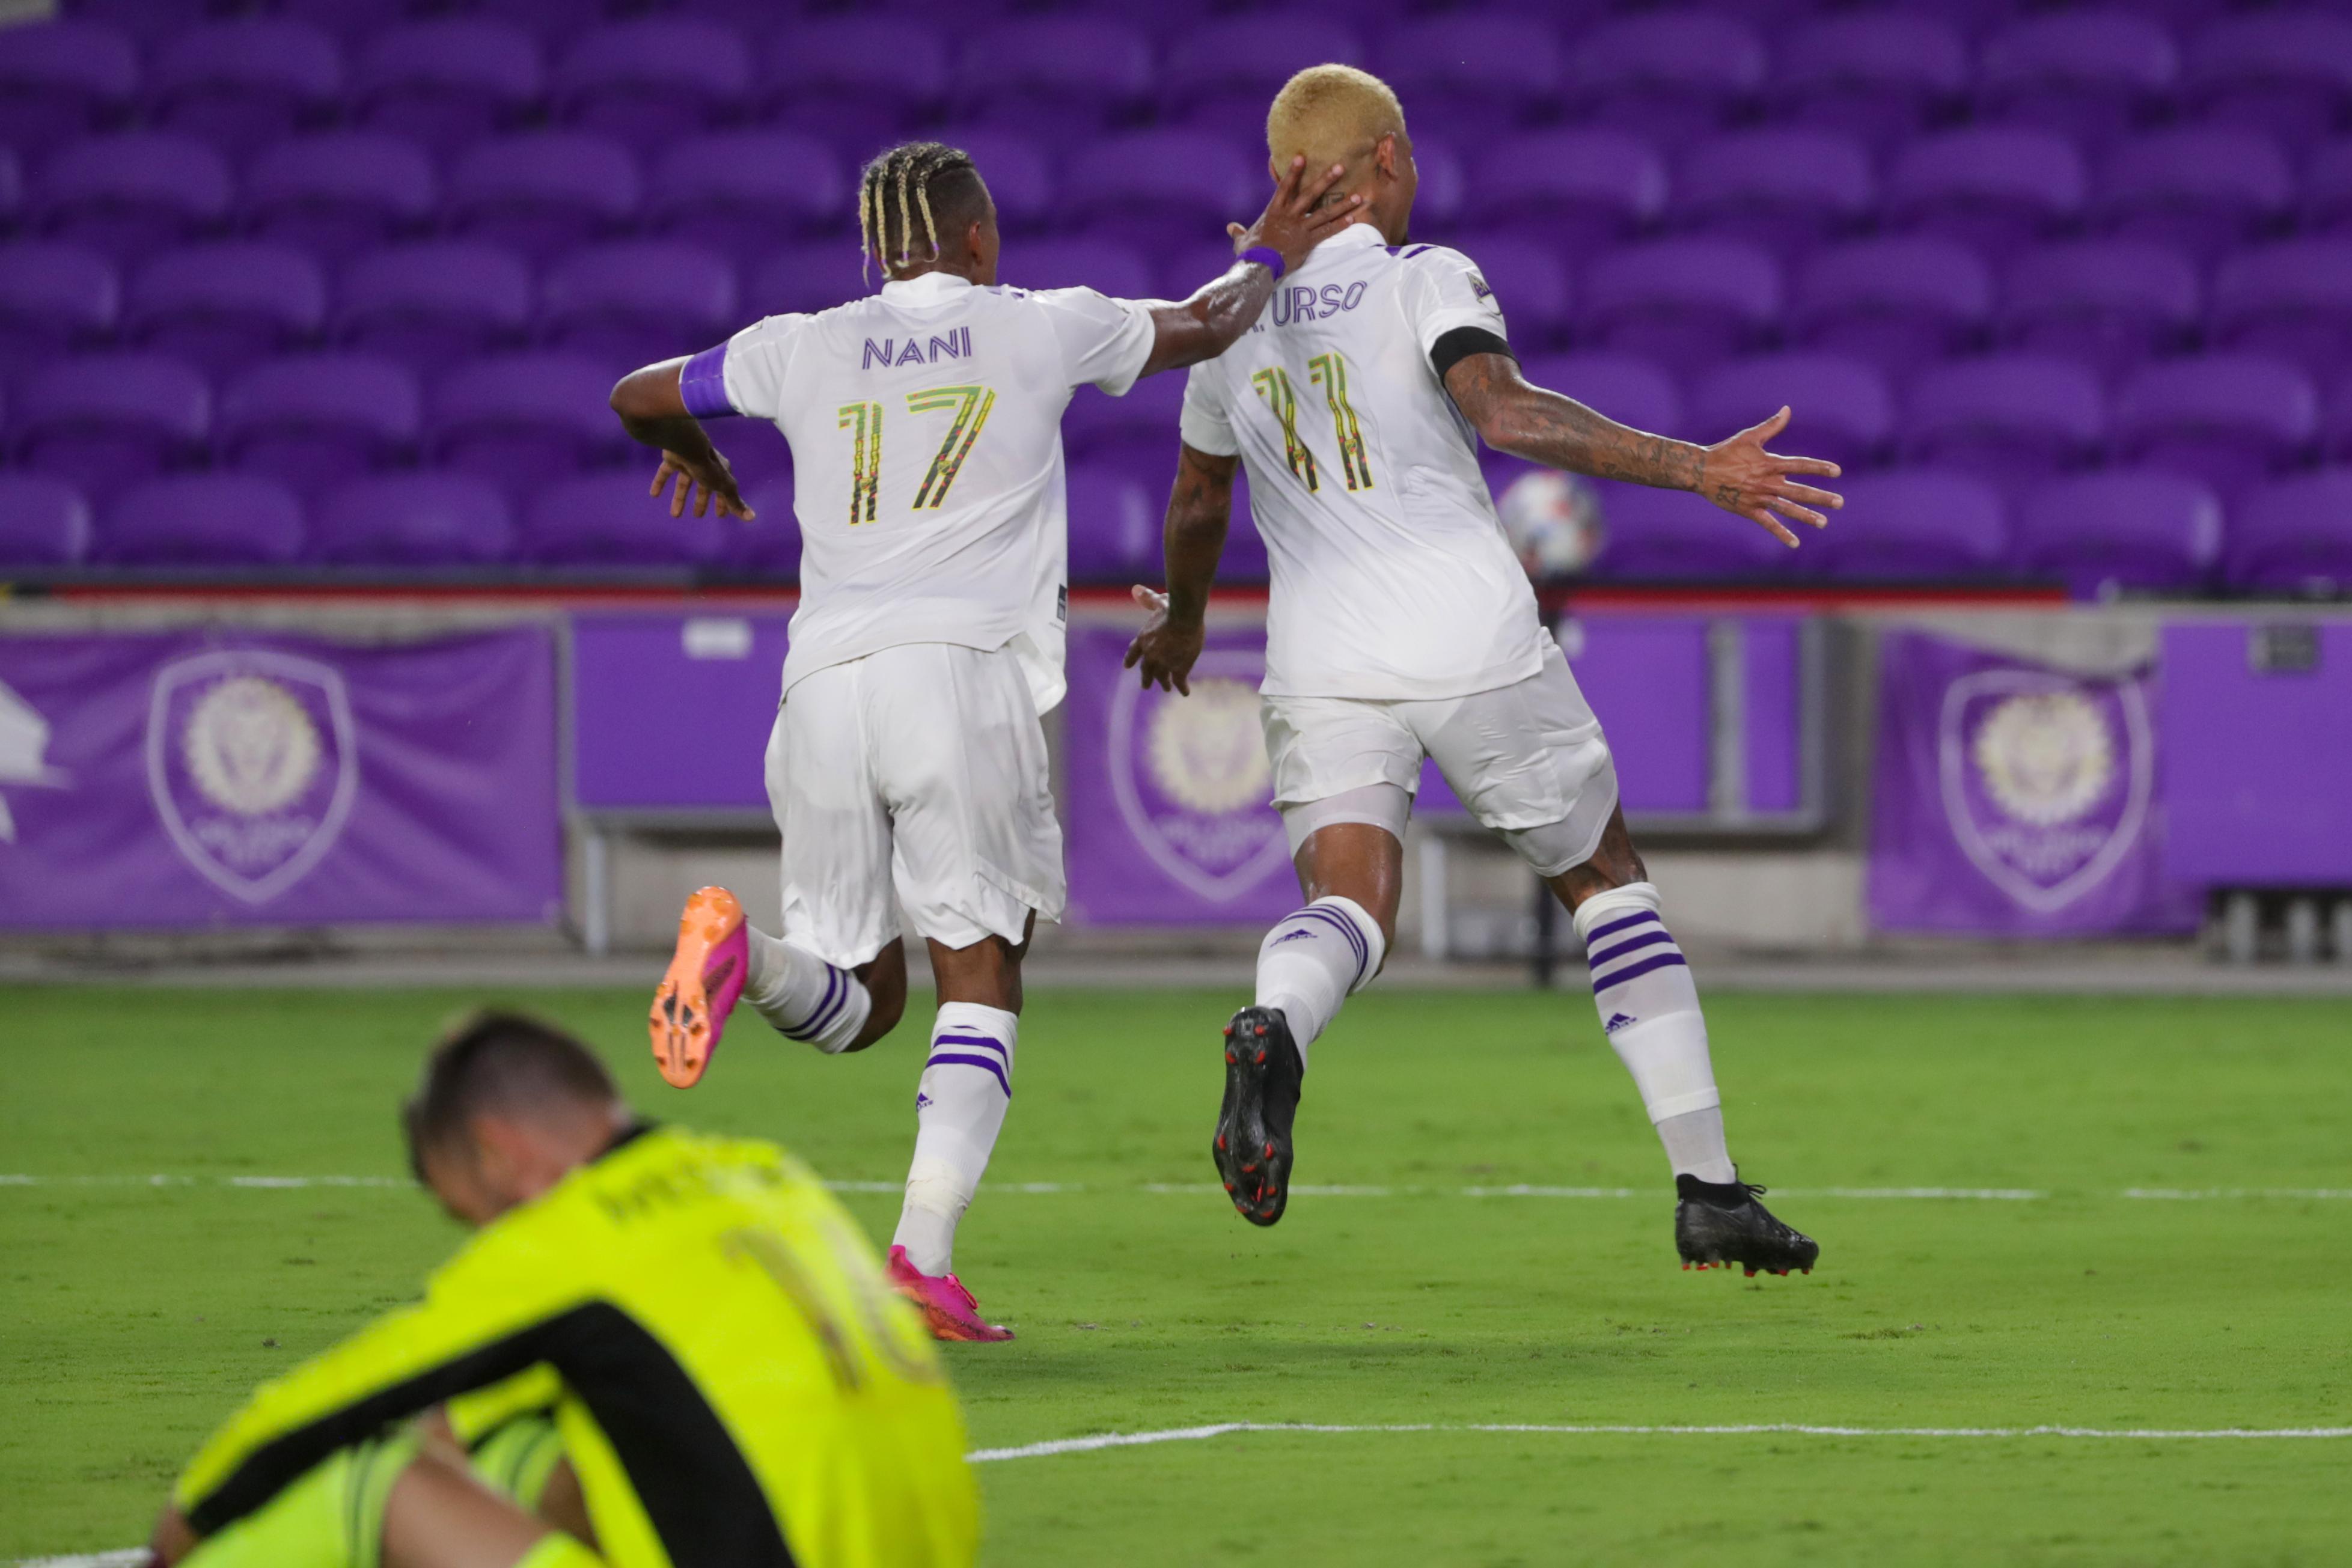 SOCCER: JUN 19 MLS - Orlando City SC at Toronto FC